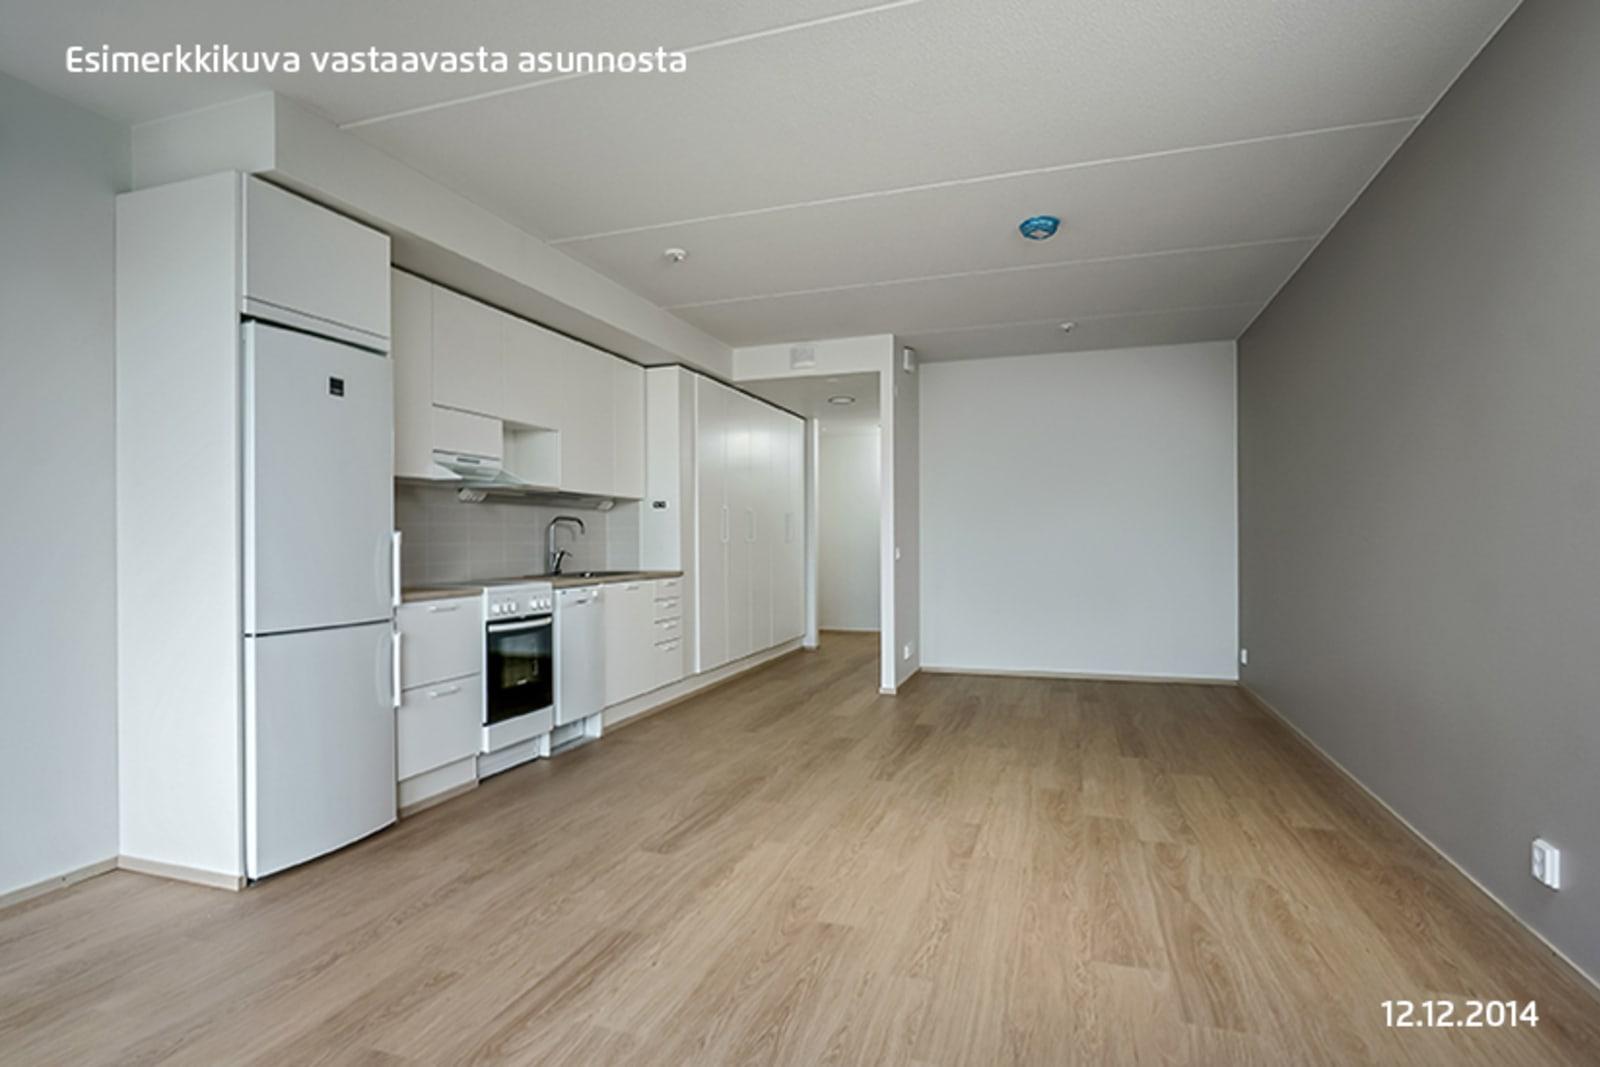 Espoo, Suurpelto, Henttaan puistokatu 8 A 010